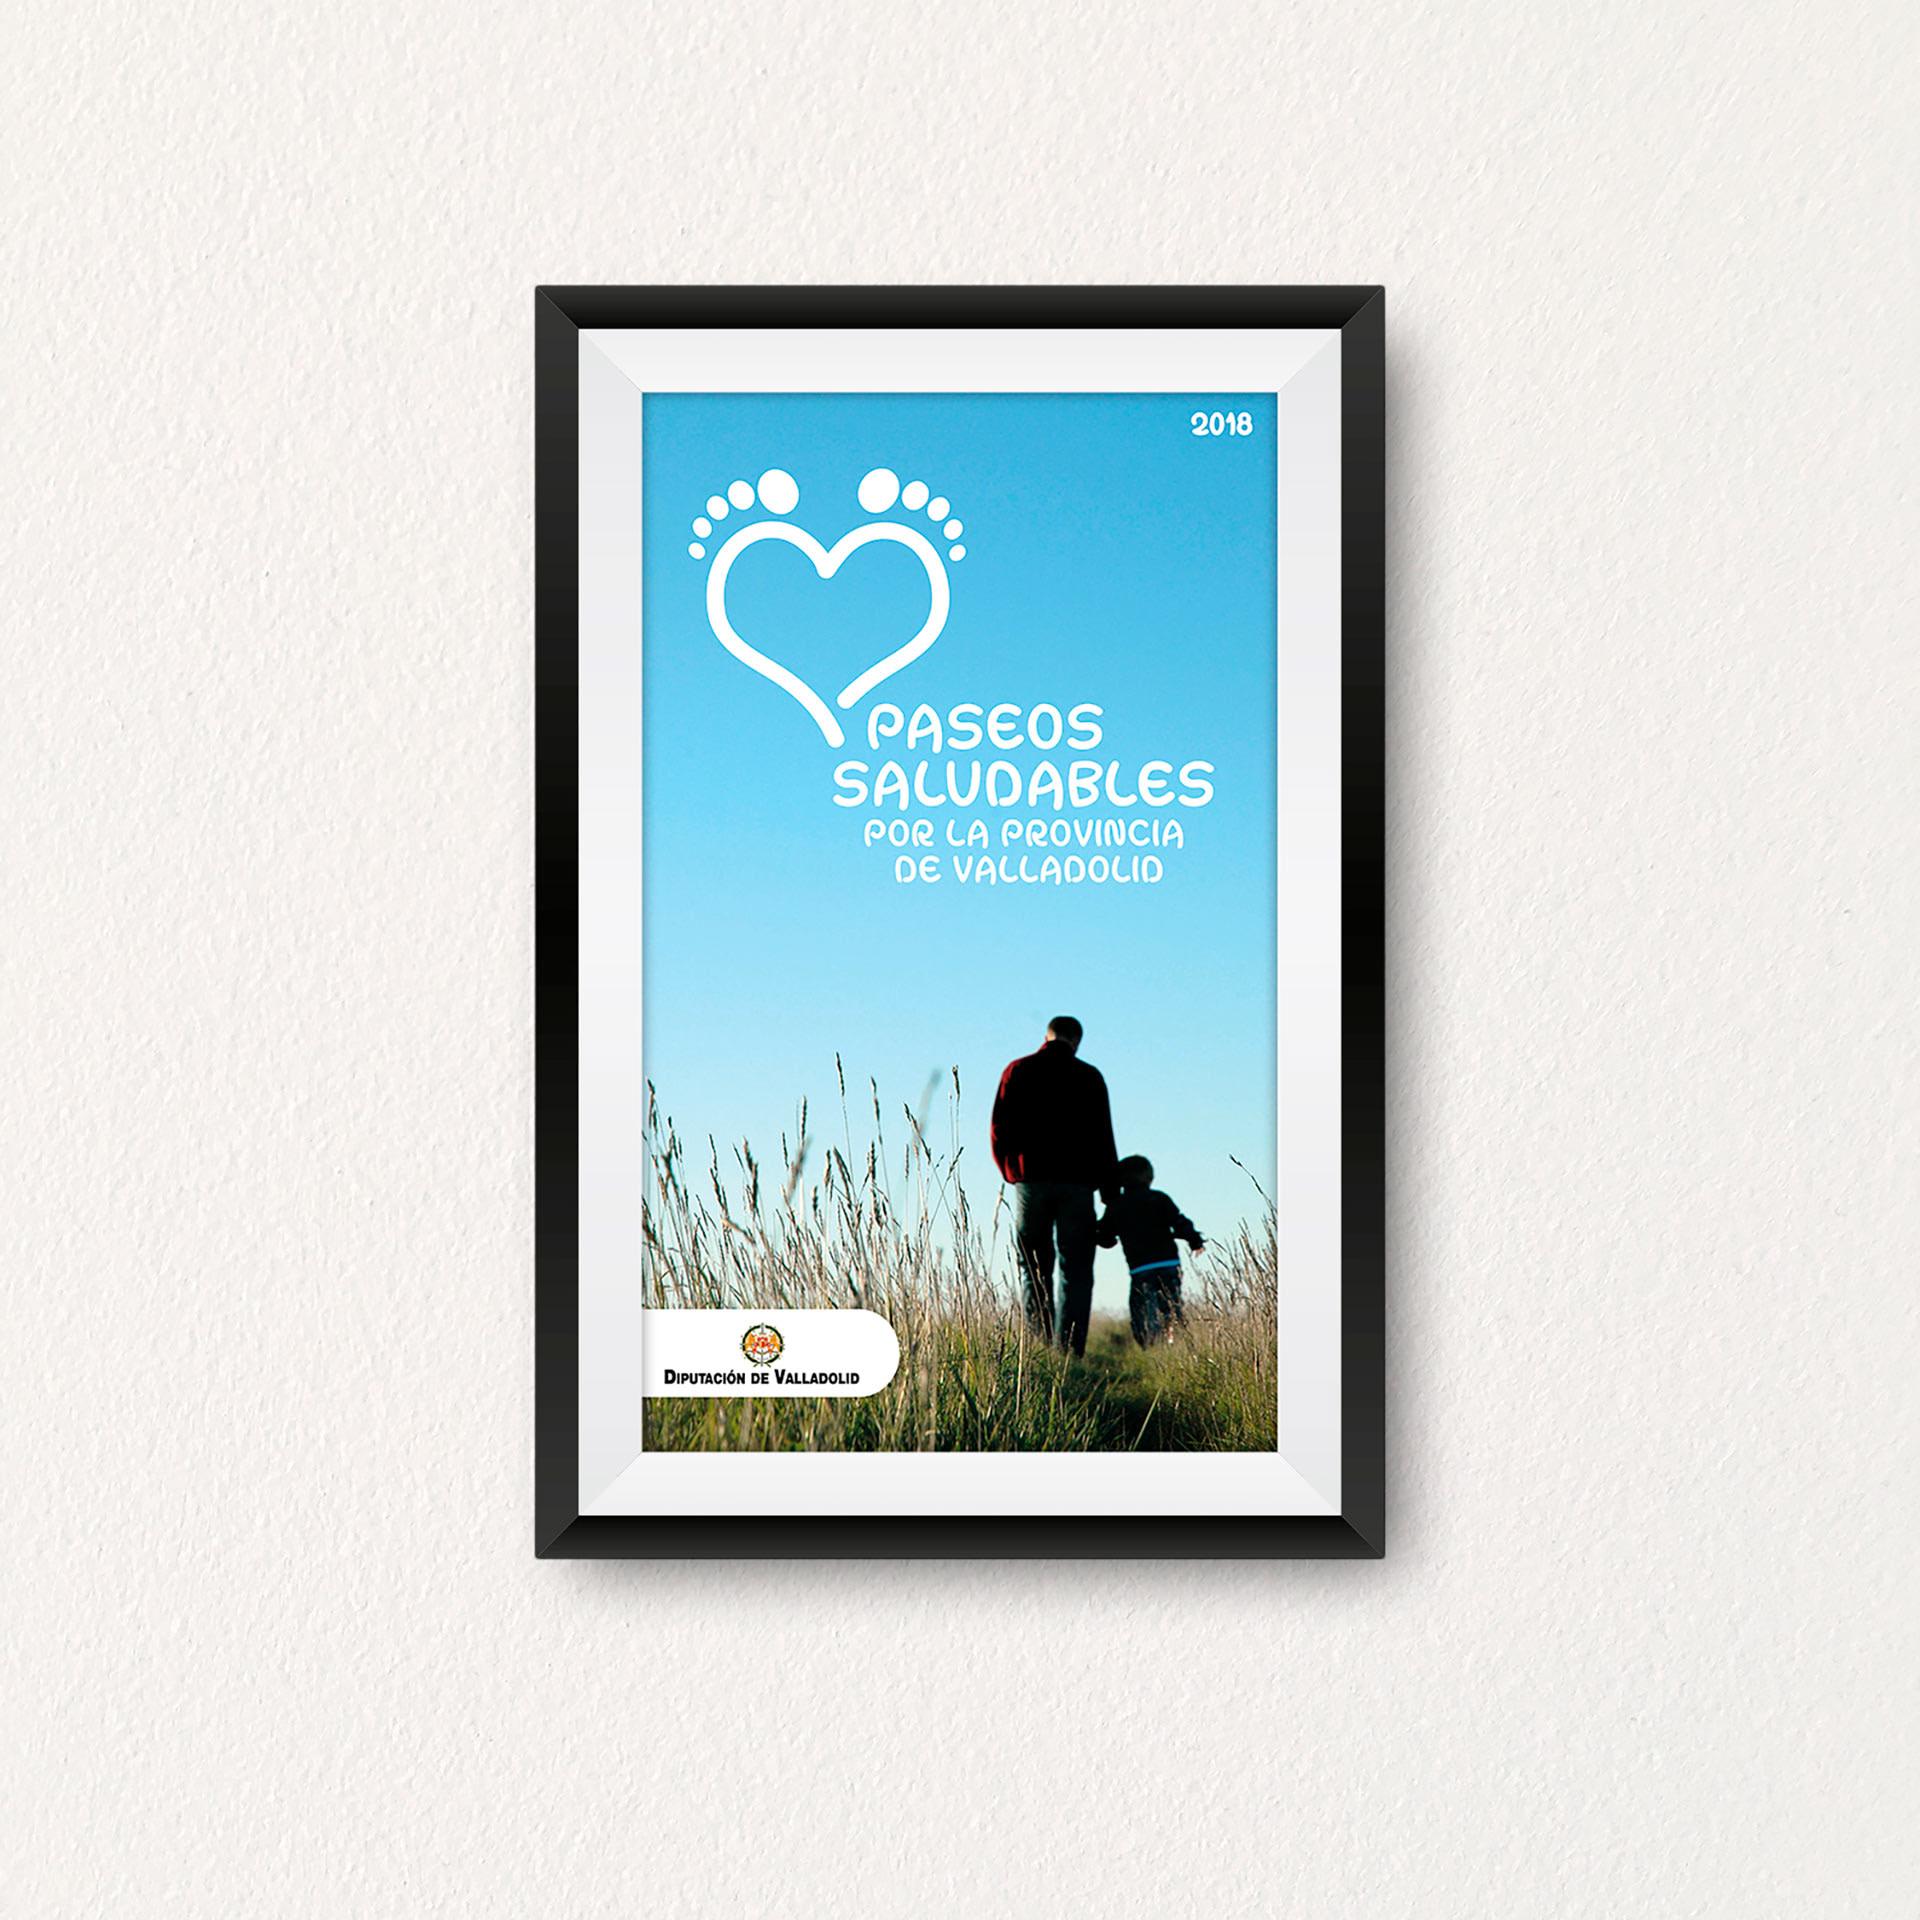 Cartel - Propuesta de diseño editorial de Paseos Saludables por la Provincia de Valladolid (2018)